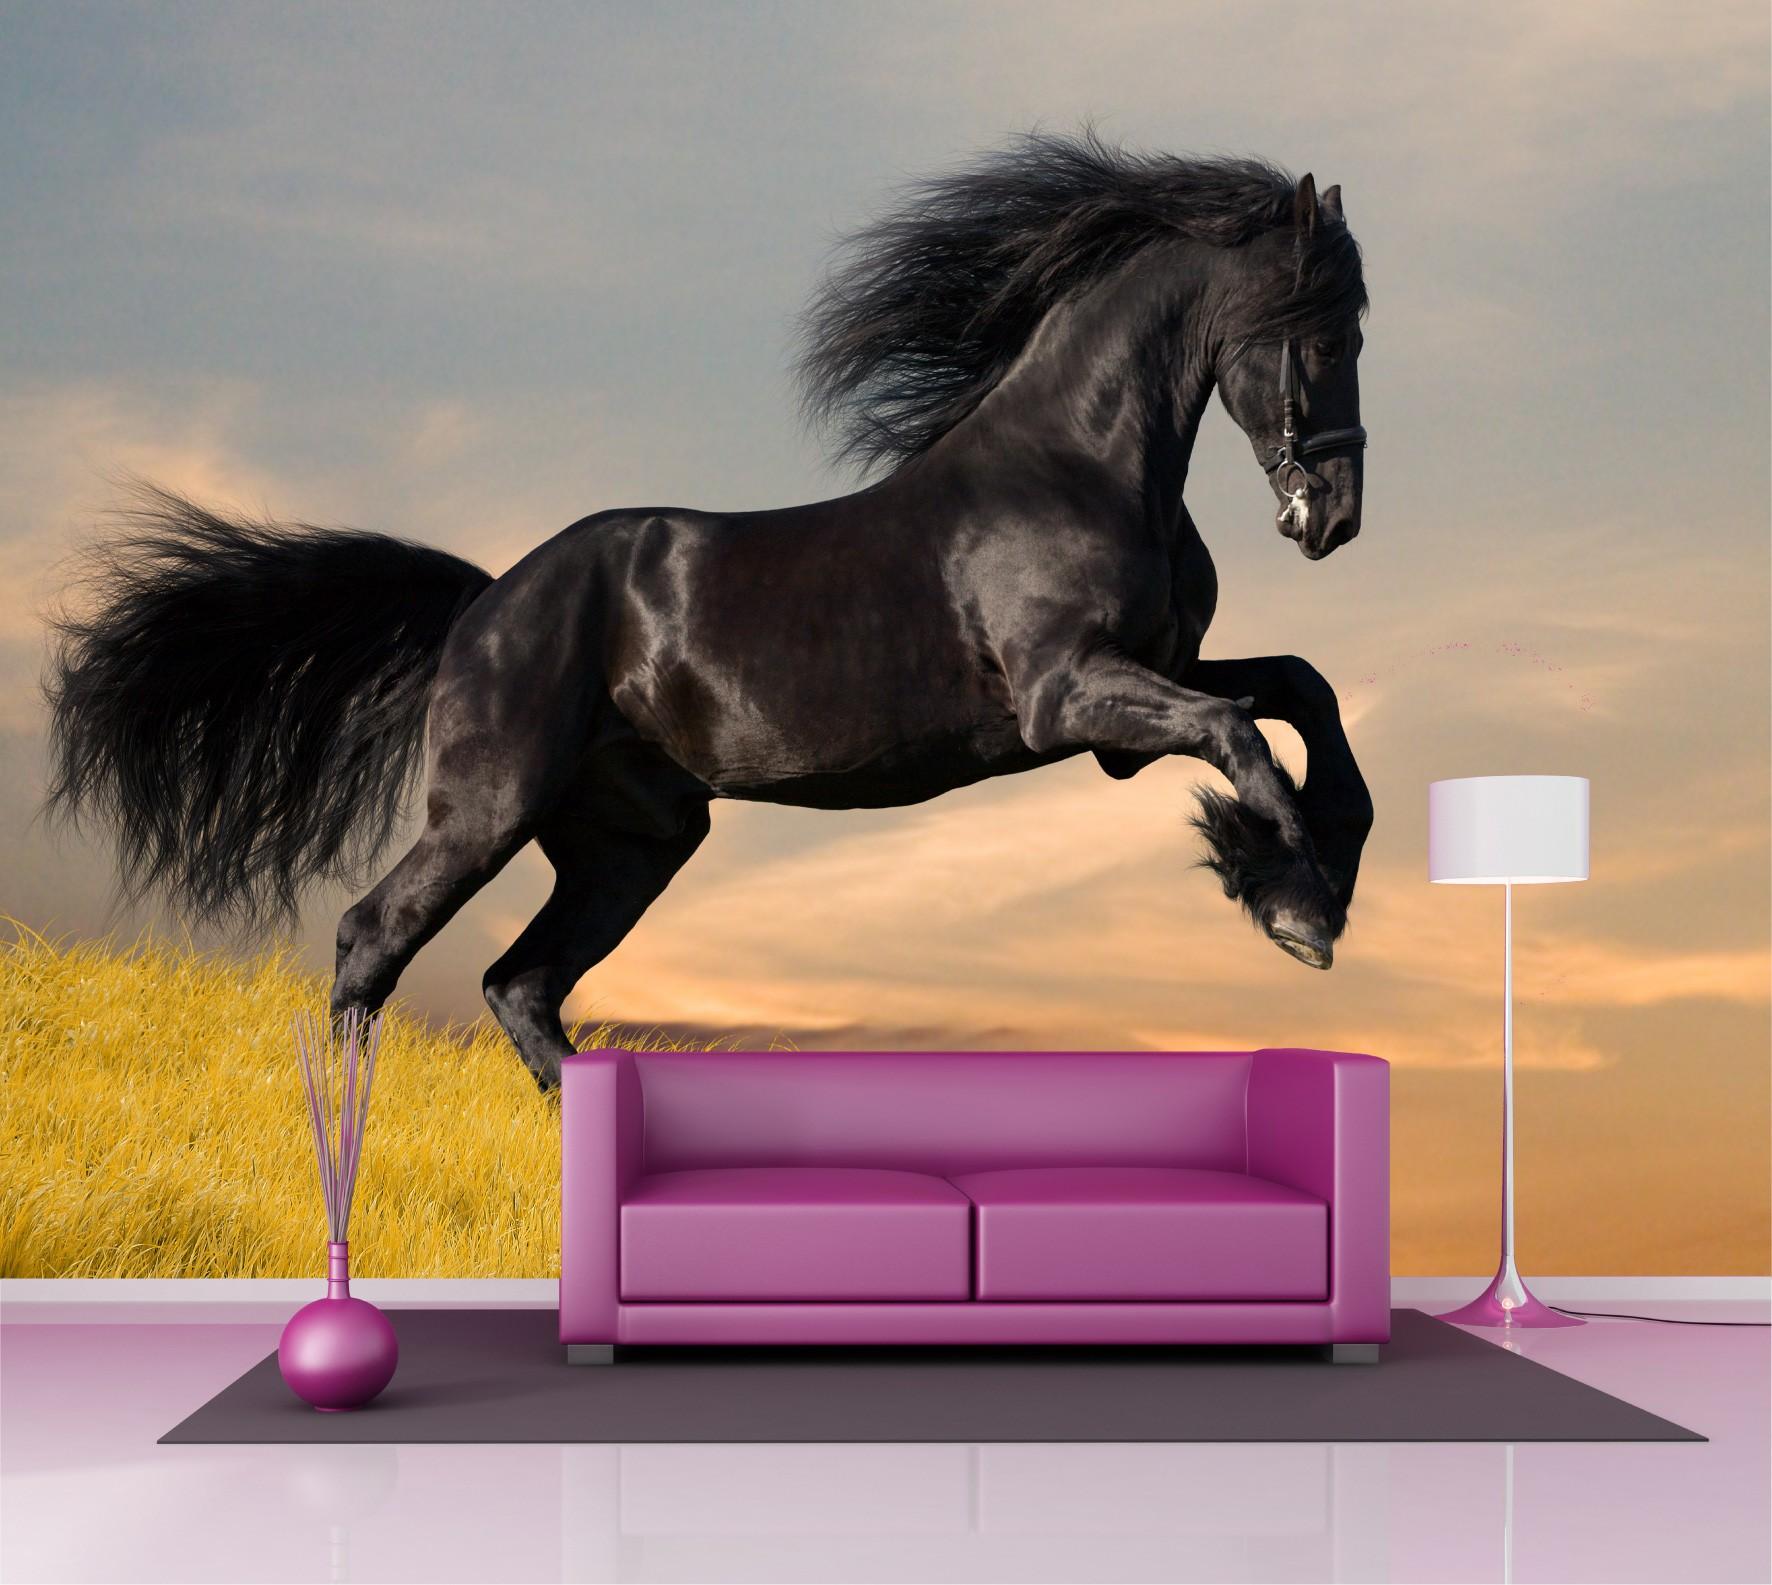 papier peint chevaux papier peint fond ducran de chevaux rasch uua with papier peint chevaux. Black Bedroom Furniture Sets. Home Design Ideas